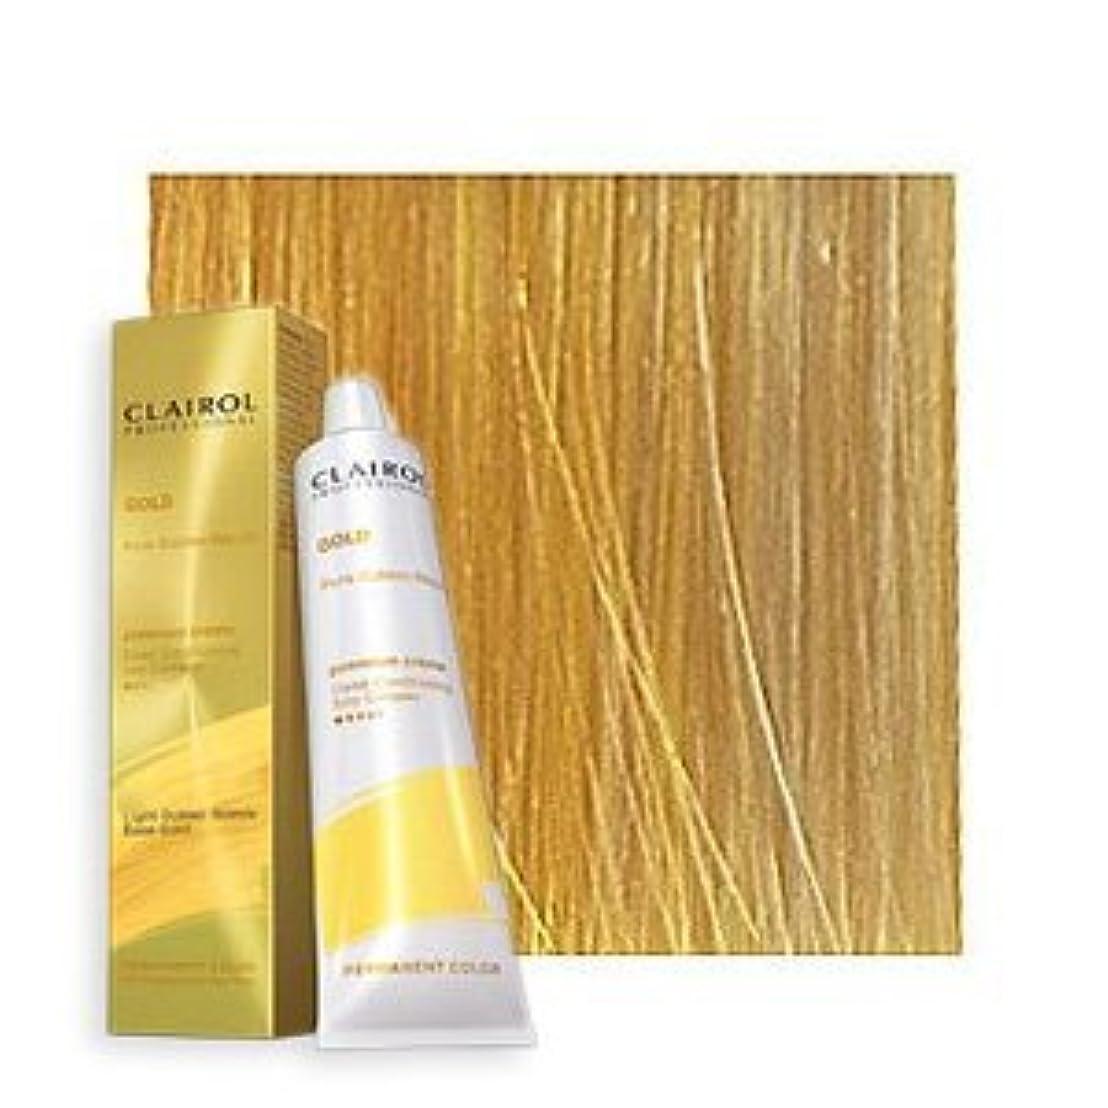 知性スカイ量Clairol Professional - SOY4PLEX - Lightest Golden Blonde 10G - 2 oz / 57 g